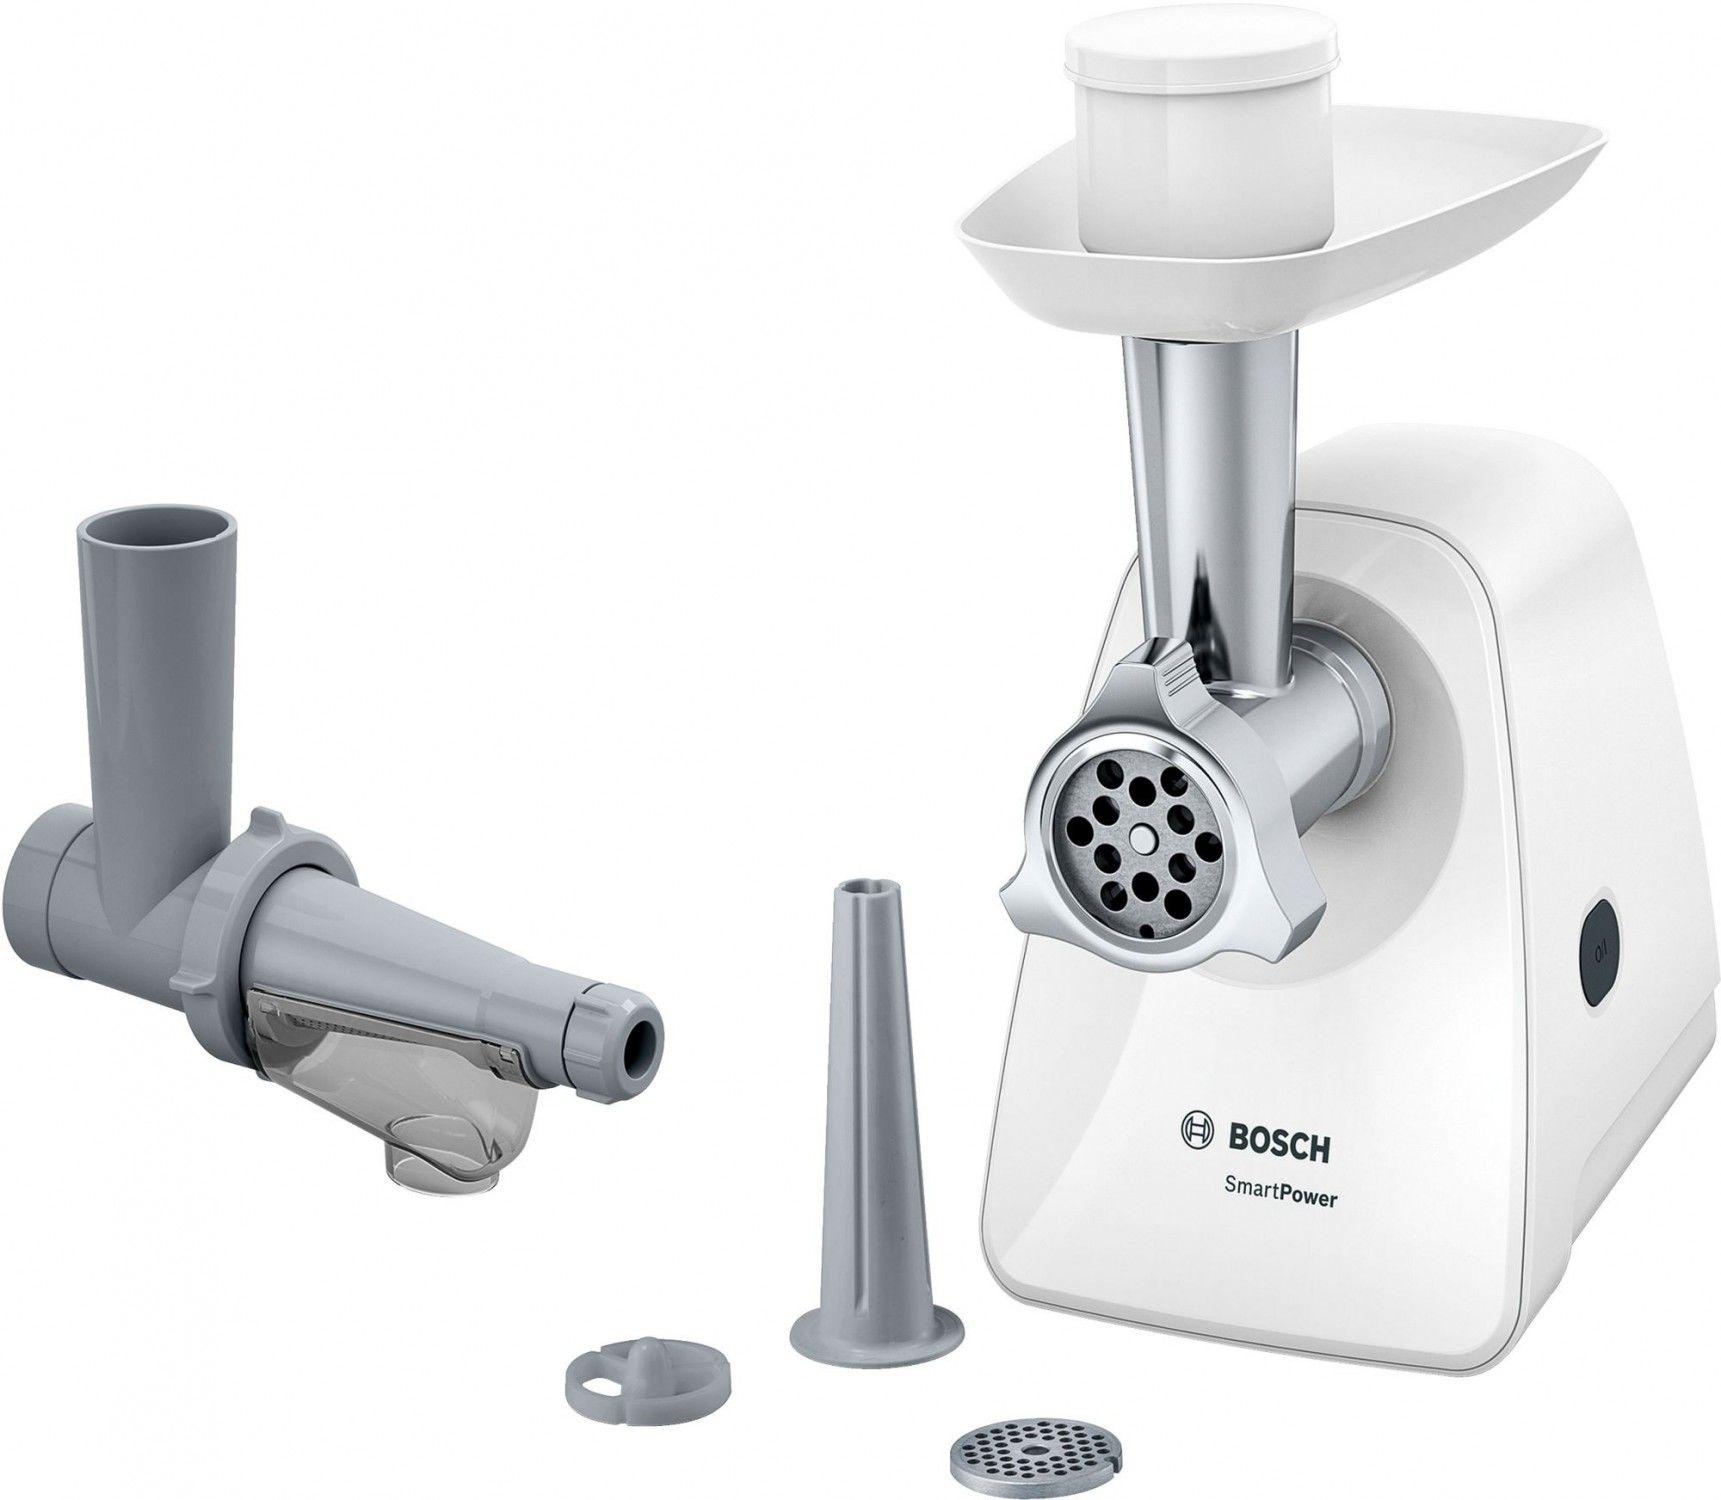 Maszynka Bosch MFW2515W OD RĘKI ! I tel. (22) 266 82 20 I Raty 0 % I kto pyta płaci mniej I Płatności online !